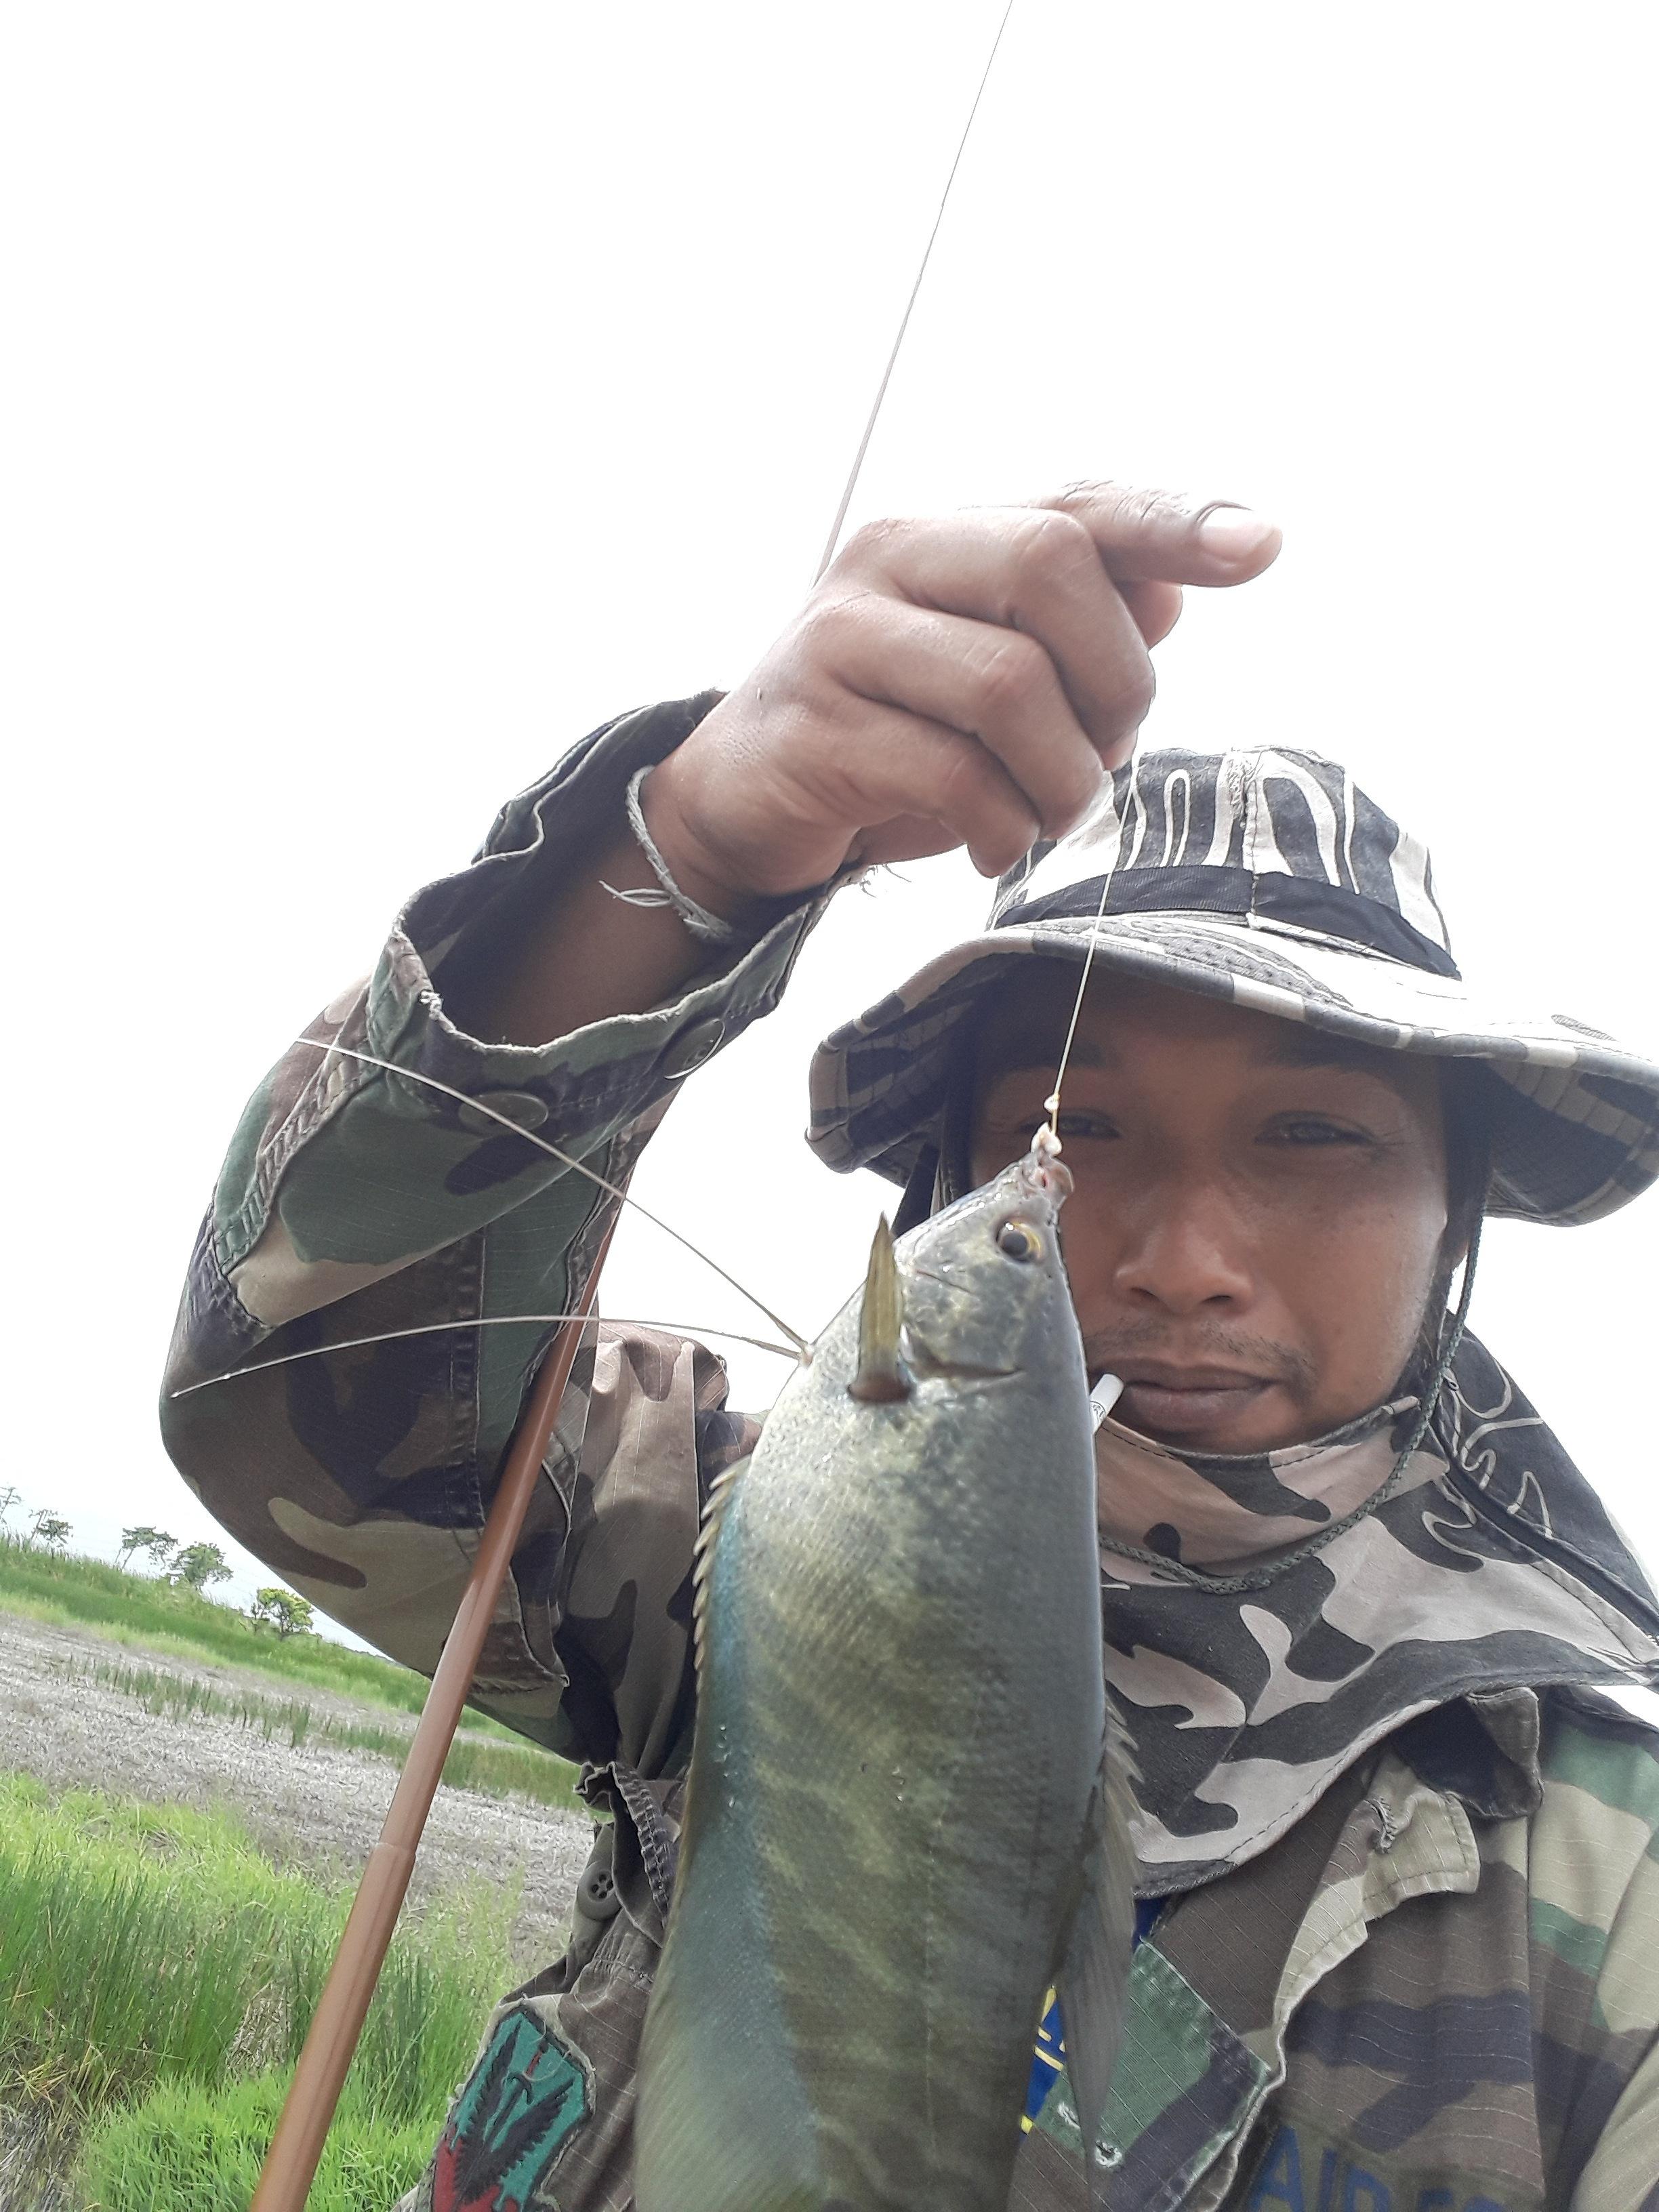 สลิด Fishing ตกยากแต่ก็ไม่ยาก เอ๊ะยังไง